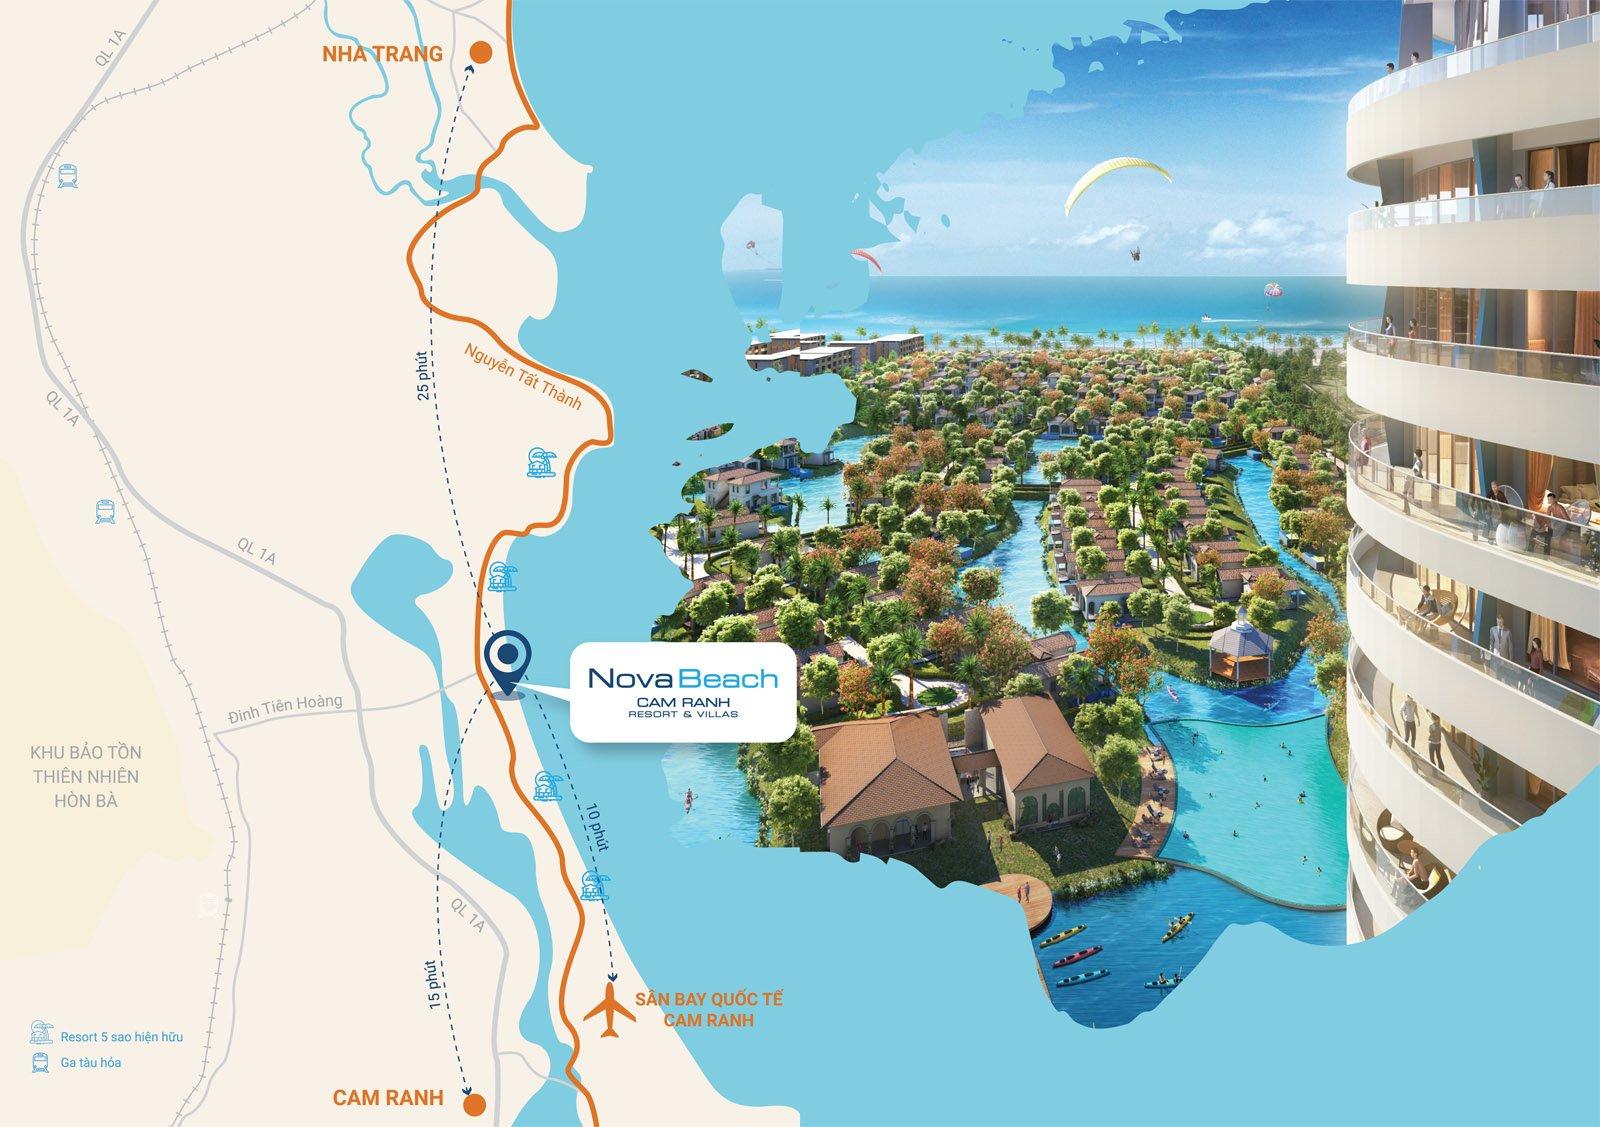 Map - vị trí dự án Novabeach Resort & Villas Cam Ranh